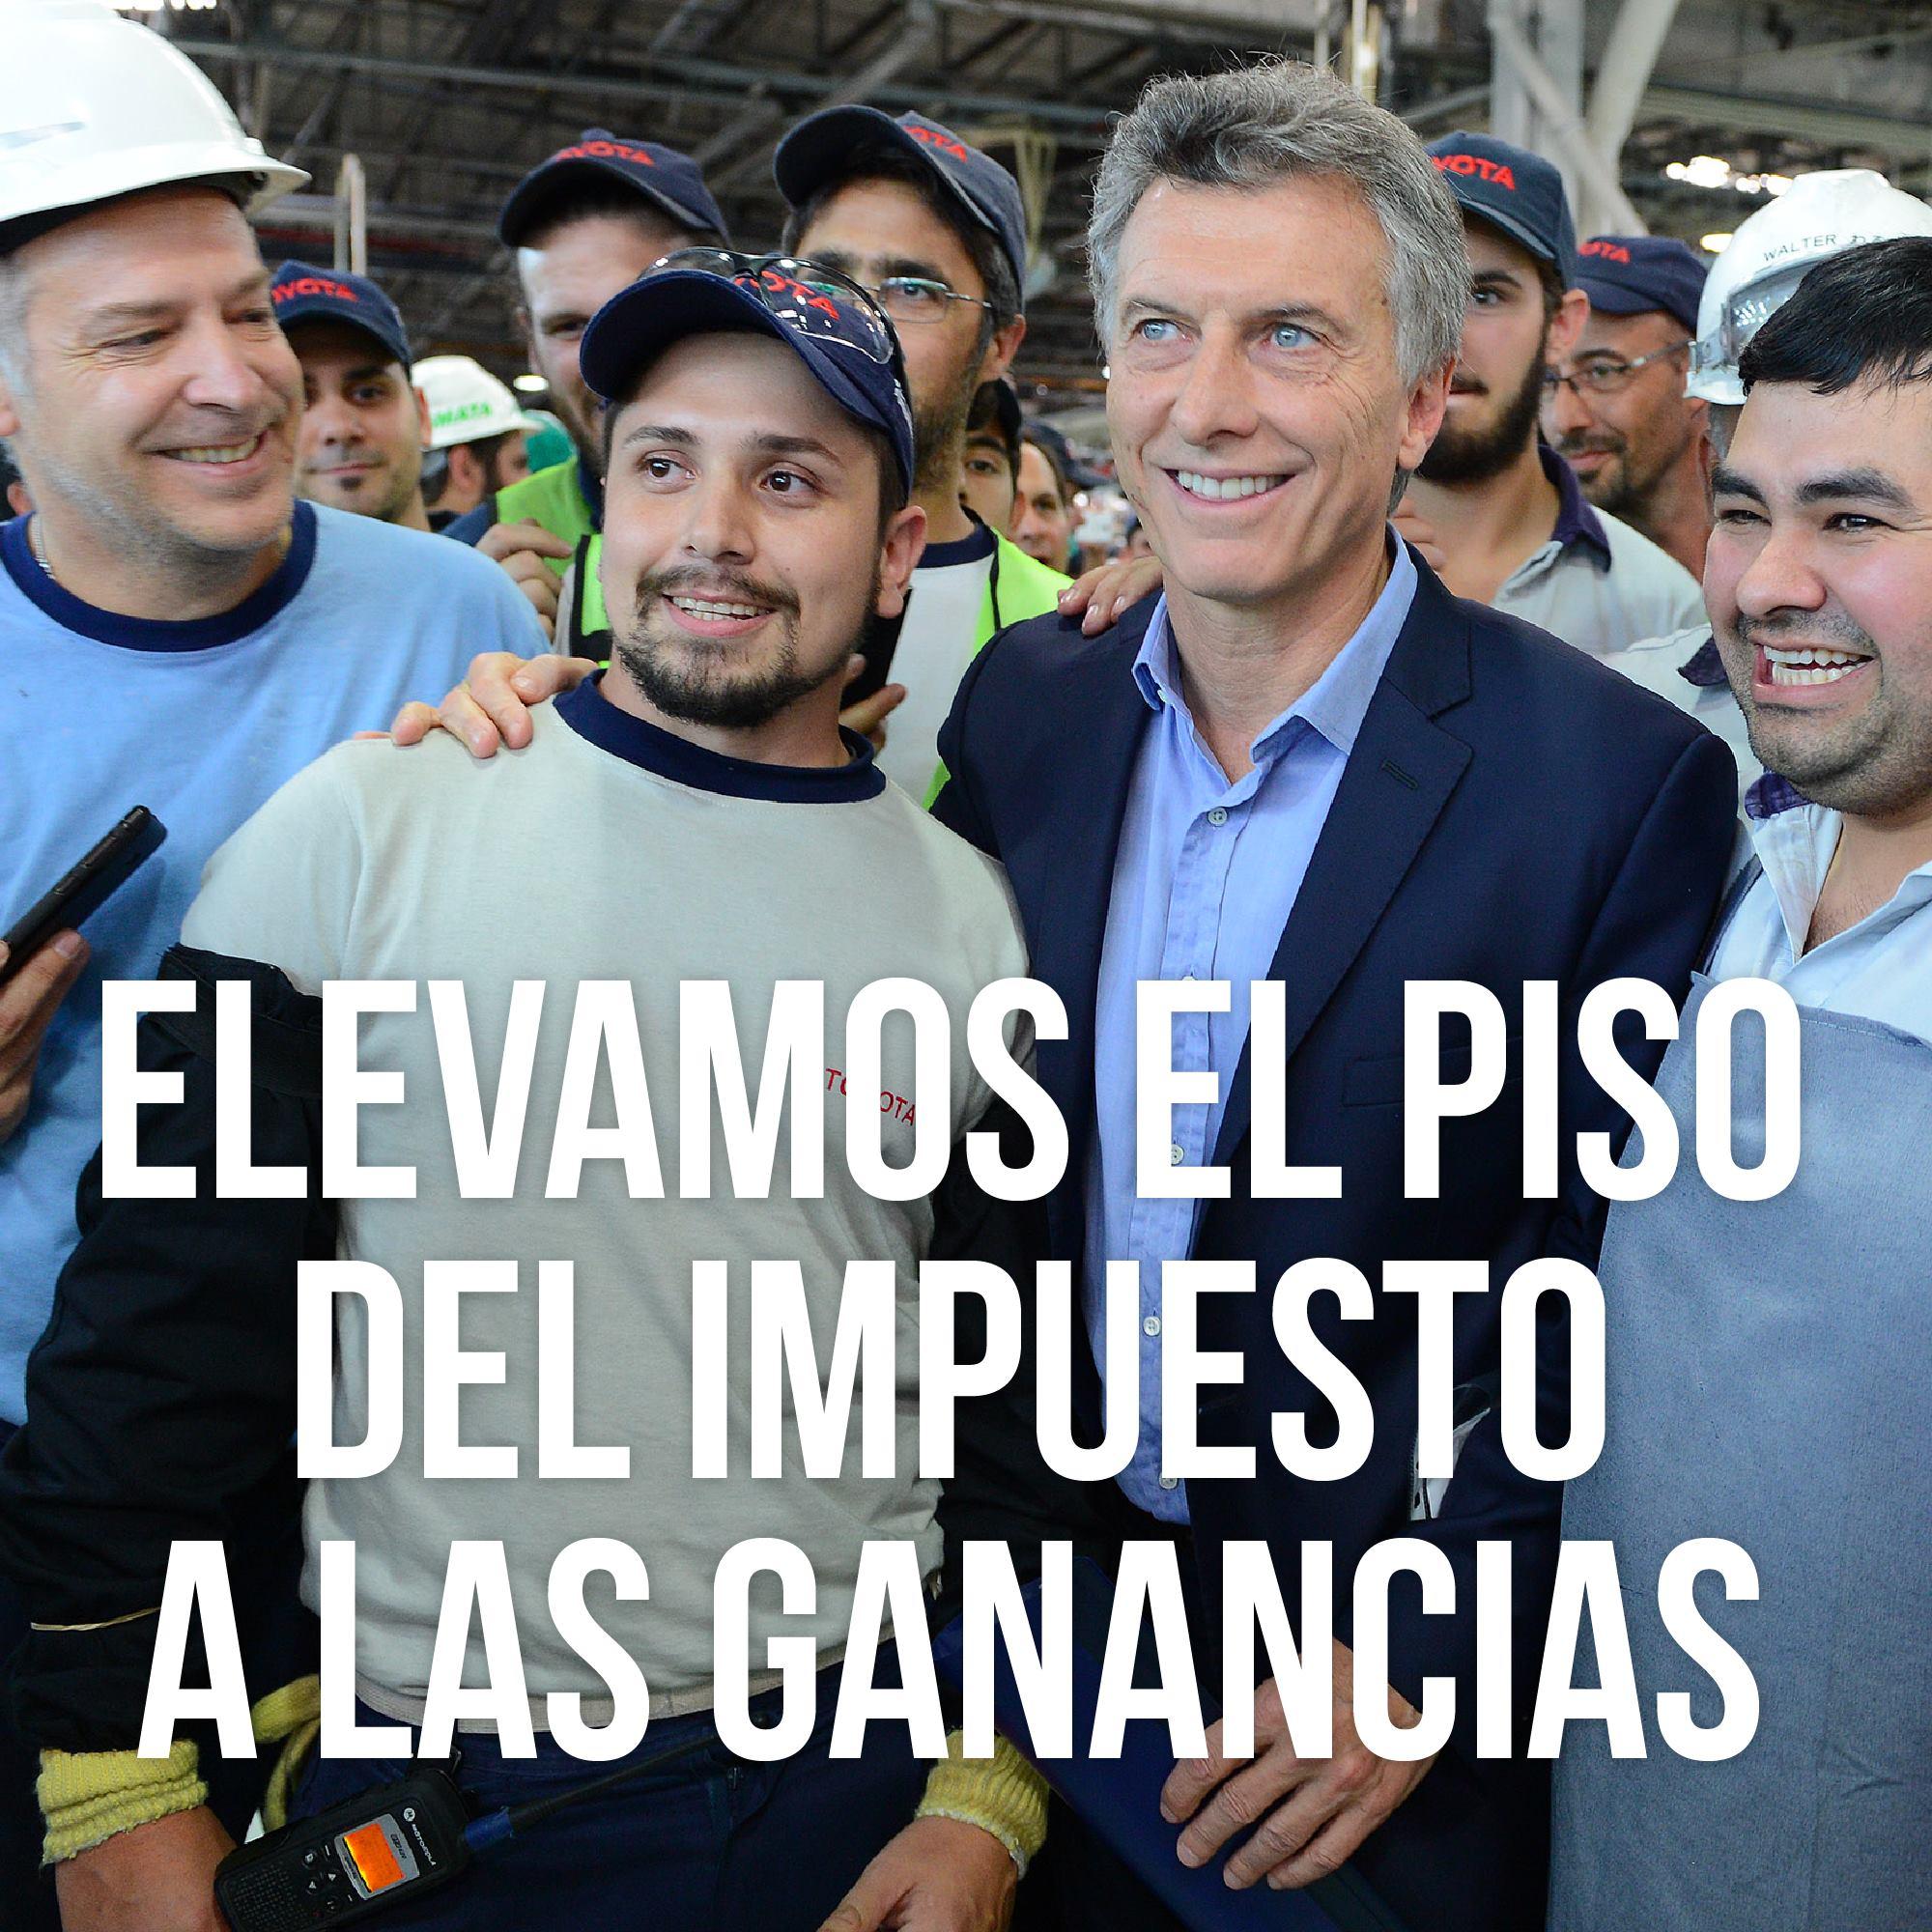 """MACRI: """"Cumpliendo con nuestra promesa de campaña, lo casi triplicamos y millones de argentinos recibieron aumentos de entre 8% y 22% en sus sueldos de bolsillo""""."""